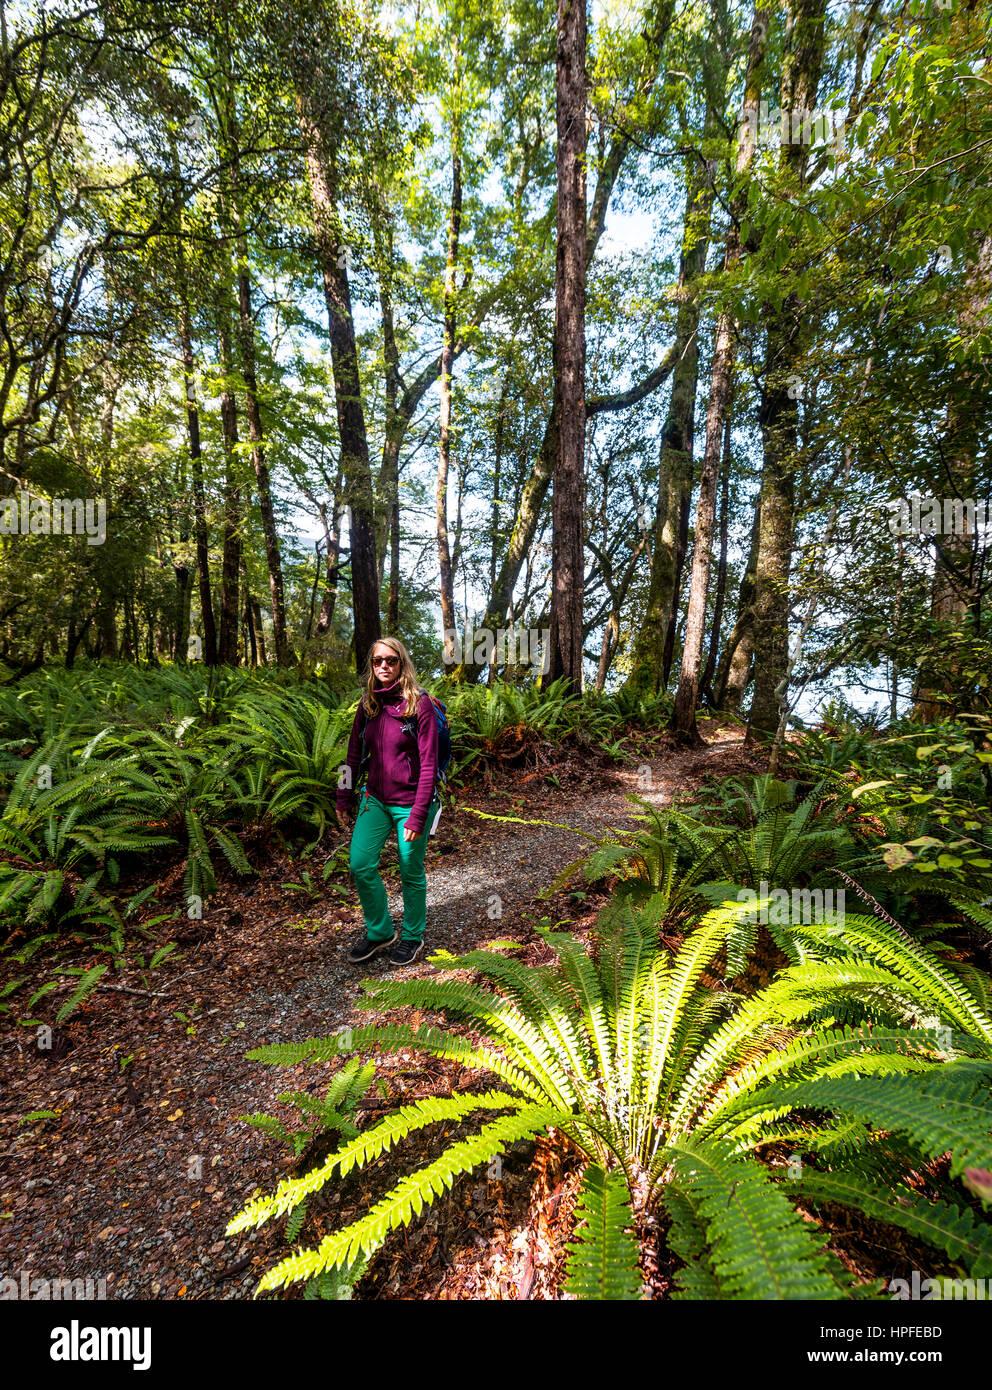 Wanderer zu Fuß durch Wald mit Baumfarnen, Abel Tasman National Park, Southland, Neuseeland Stockbild